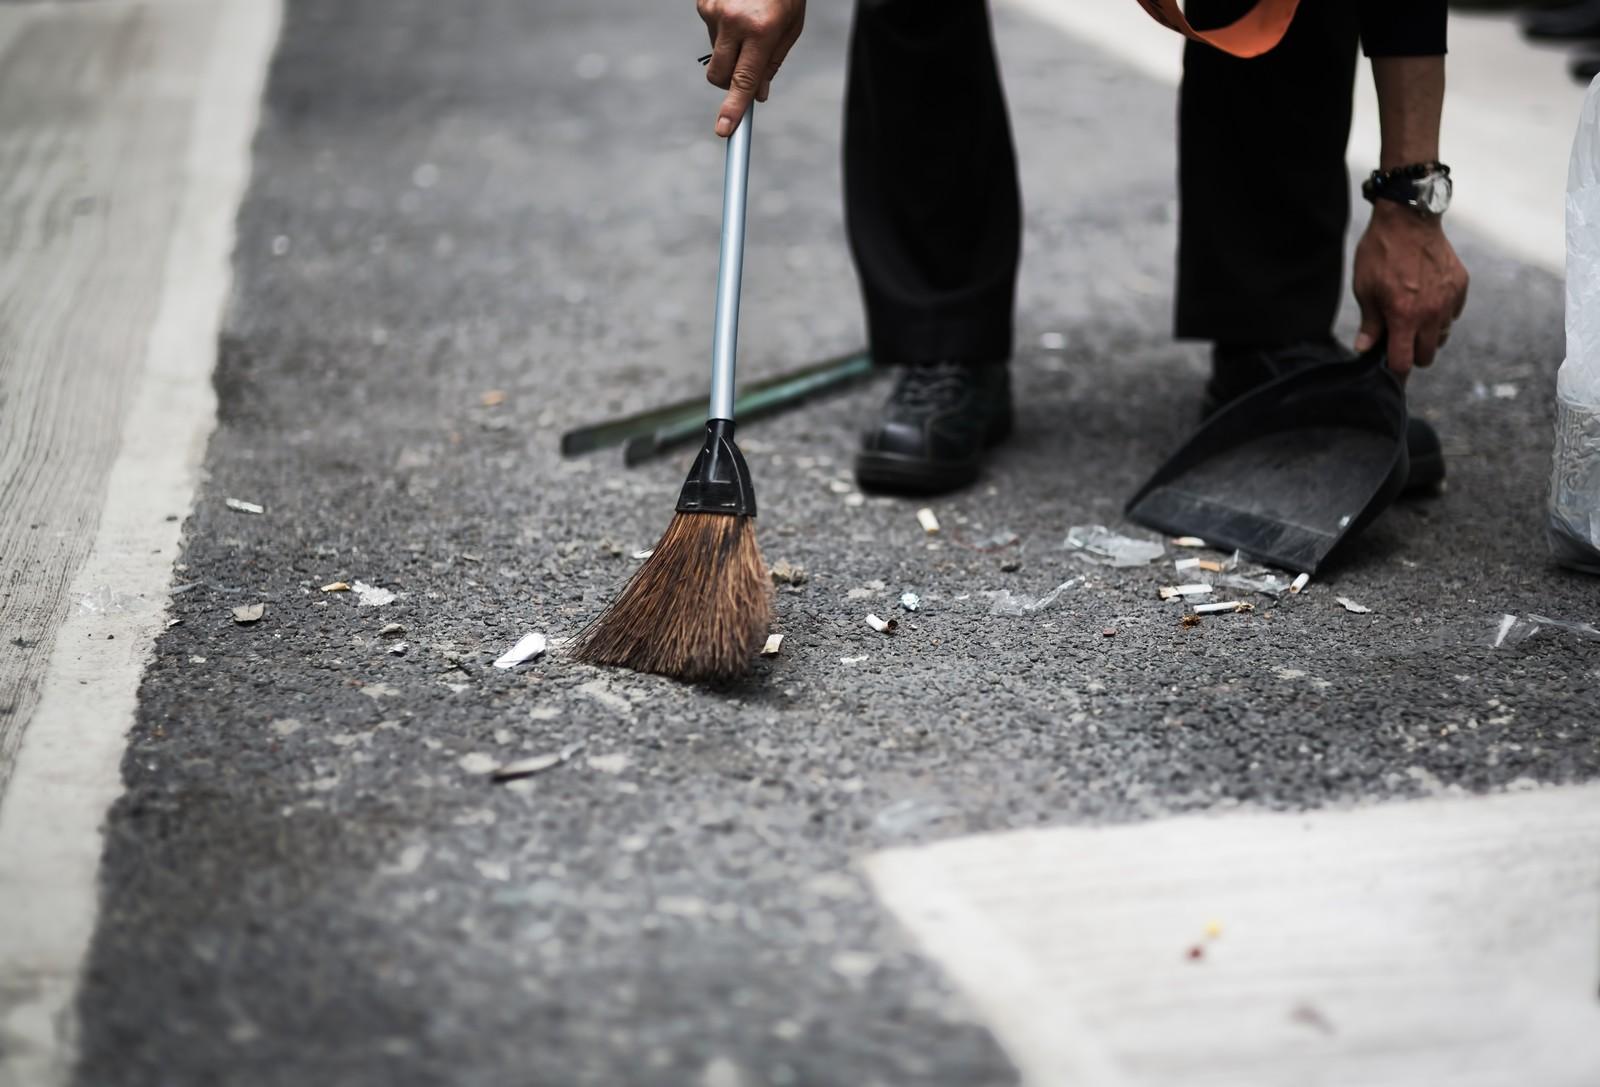 掃除をしている写真